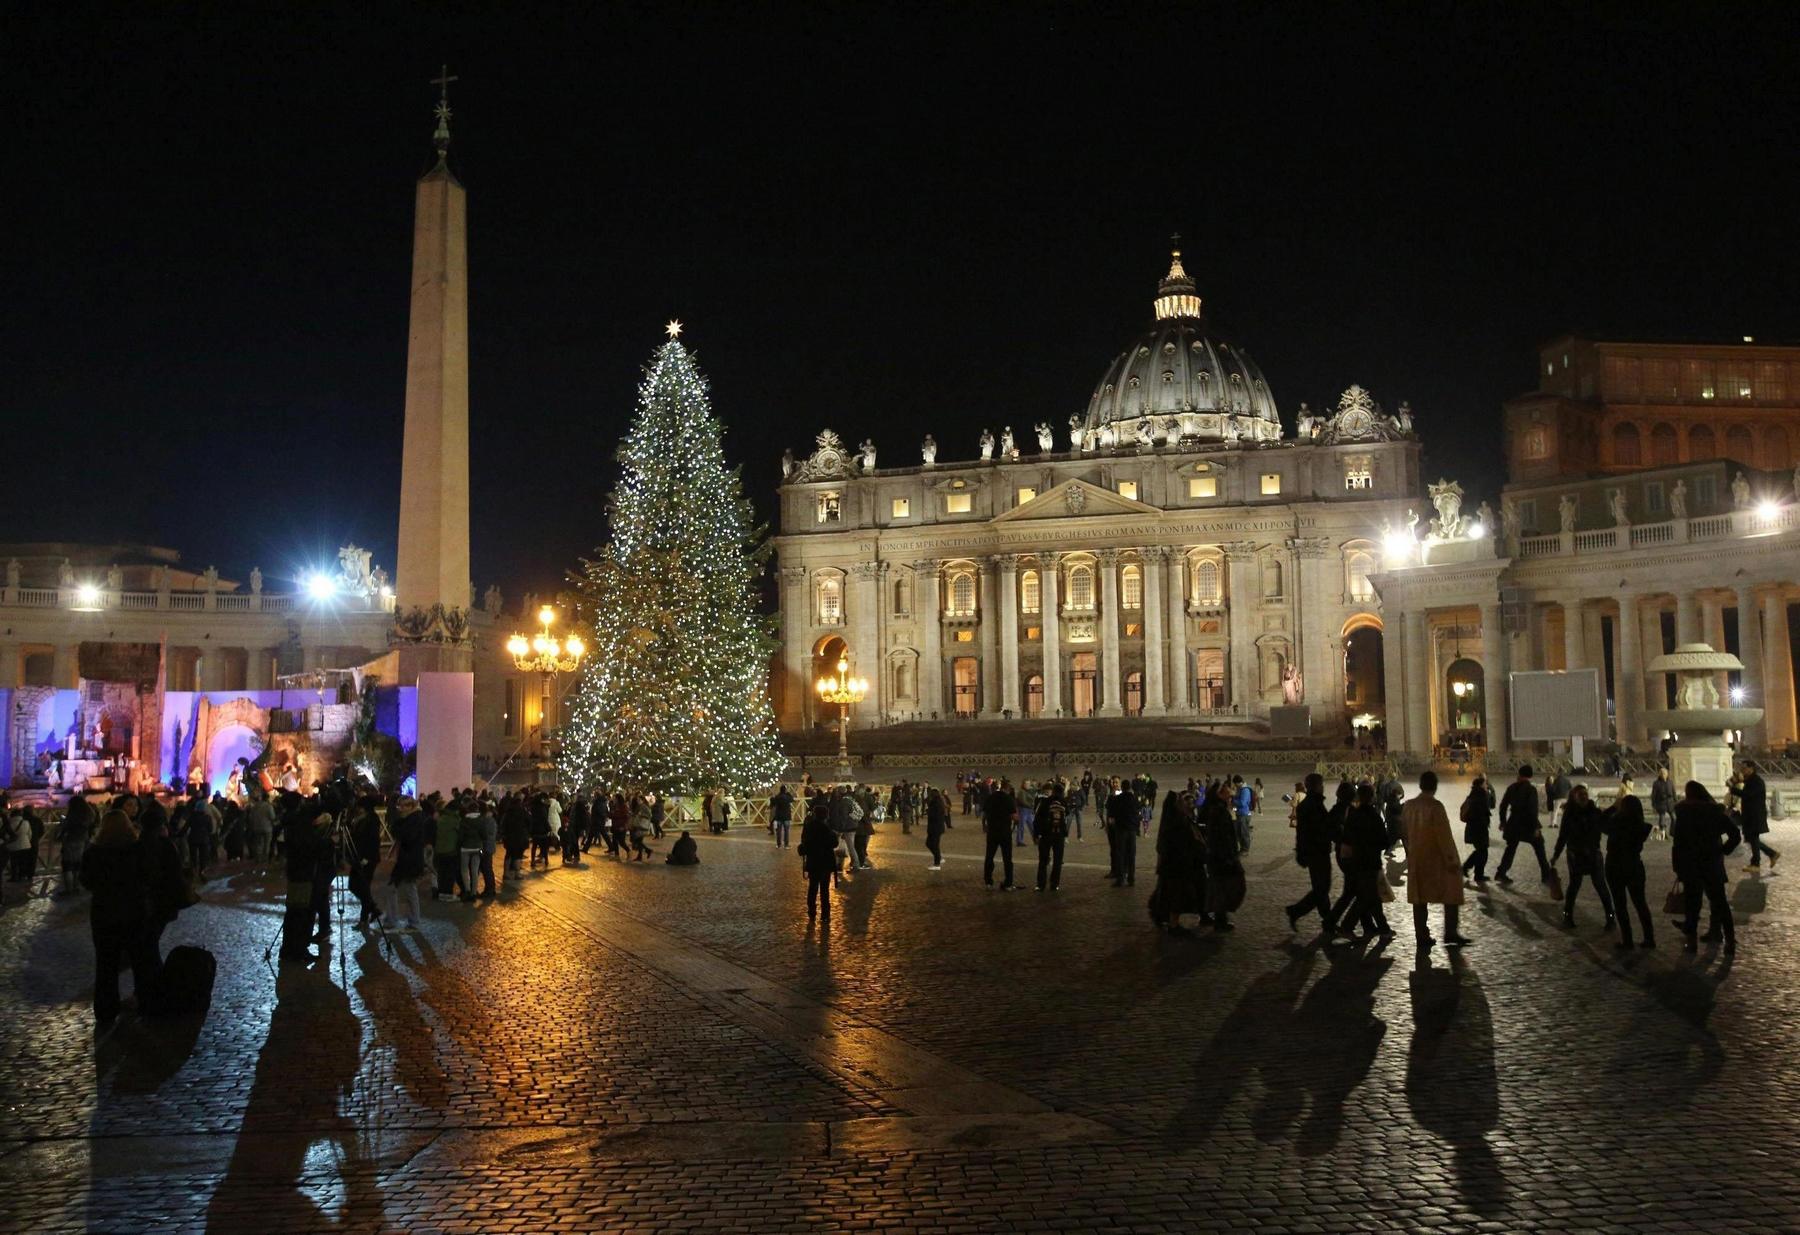 ¡Feliz Navidad! la Fiesta del Nacimiento de Jesucristo (25 dic)